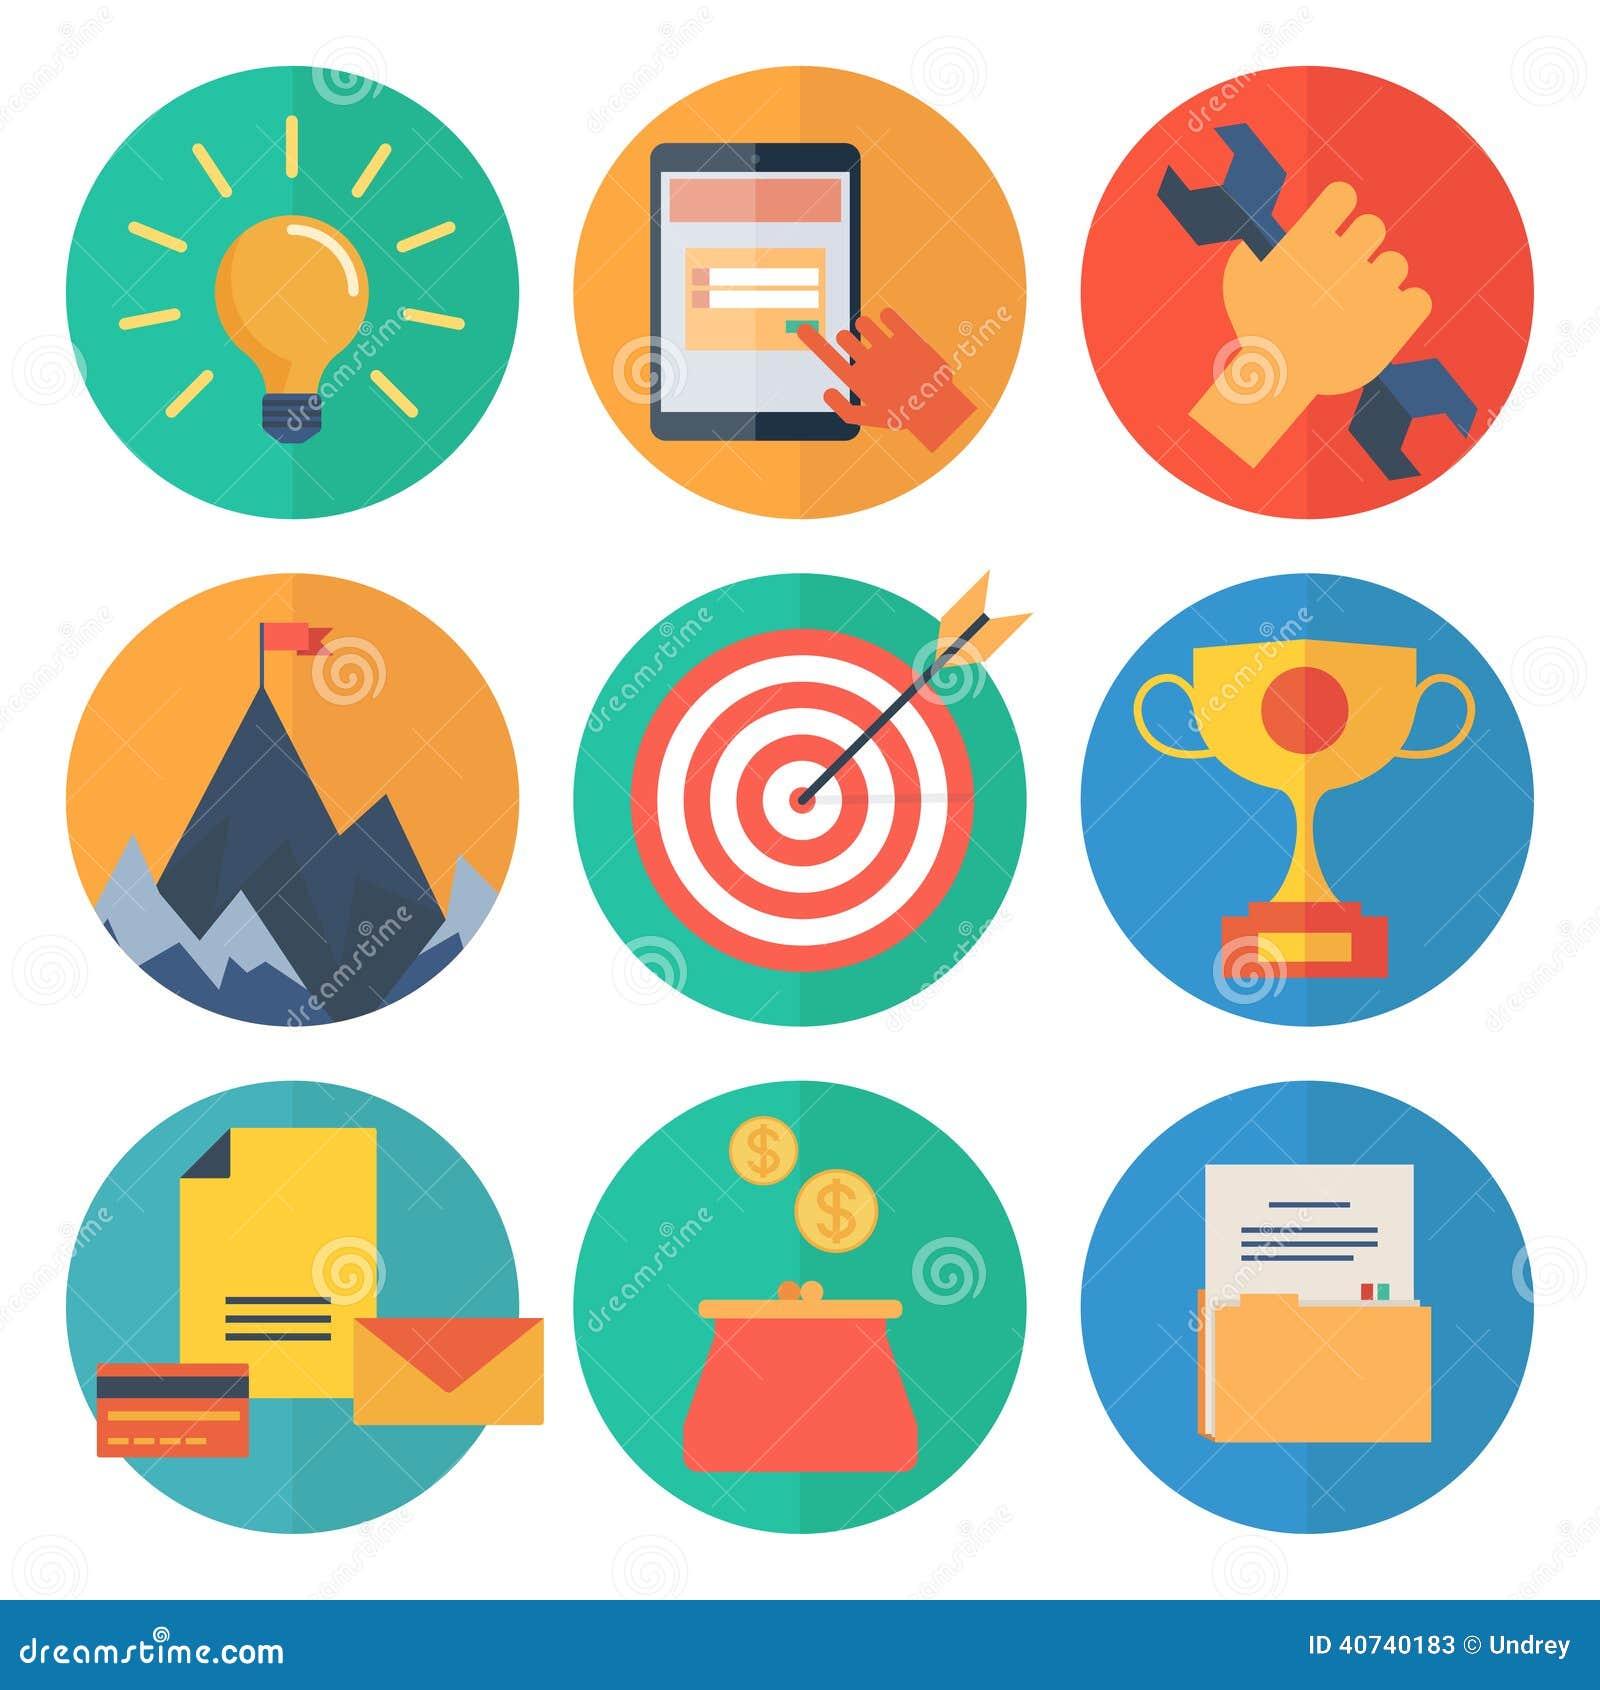 Les icônes plates modernes dirigent la collection, les objets de web design, les affaires, le bureau et les articles de vente